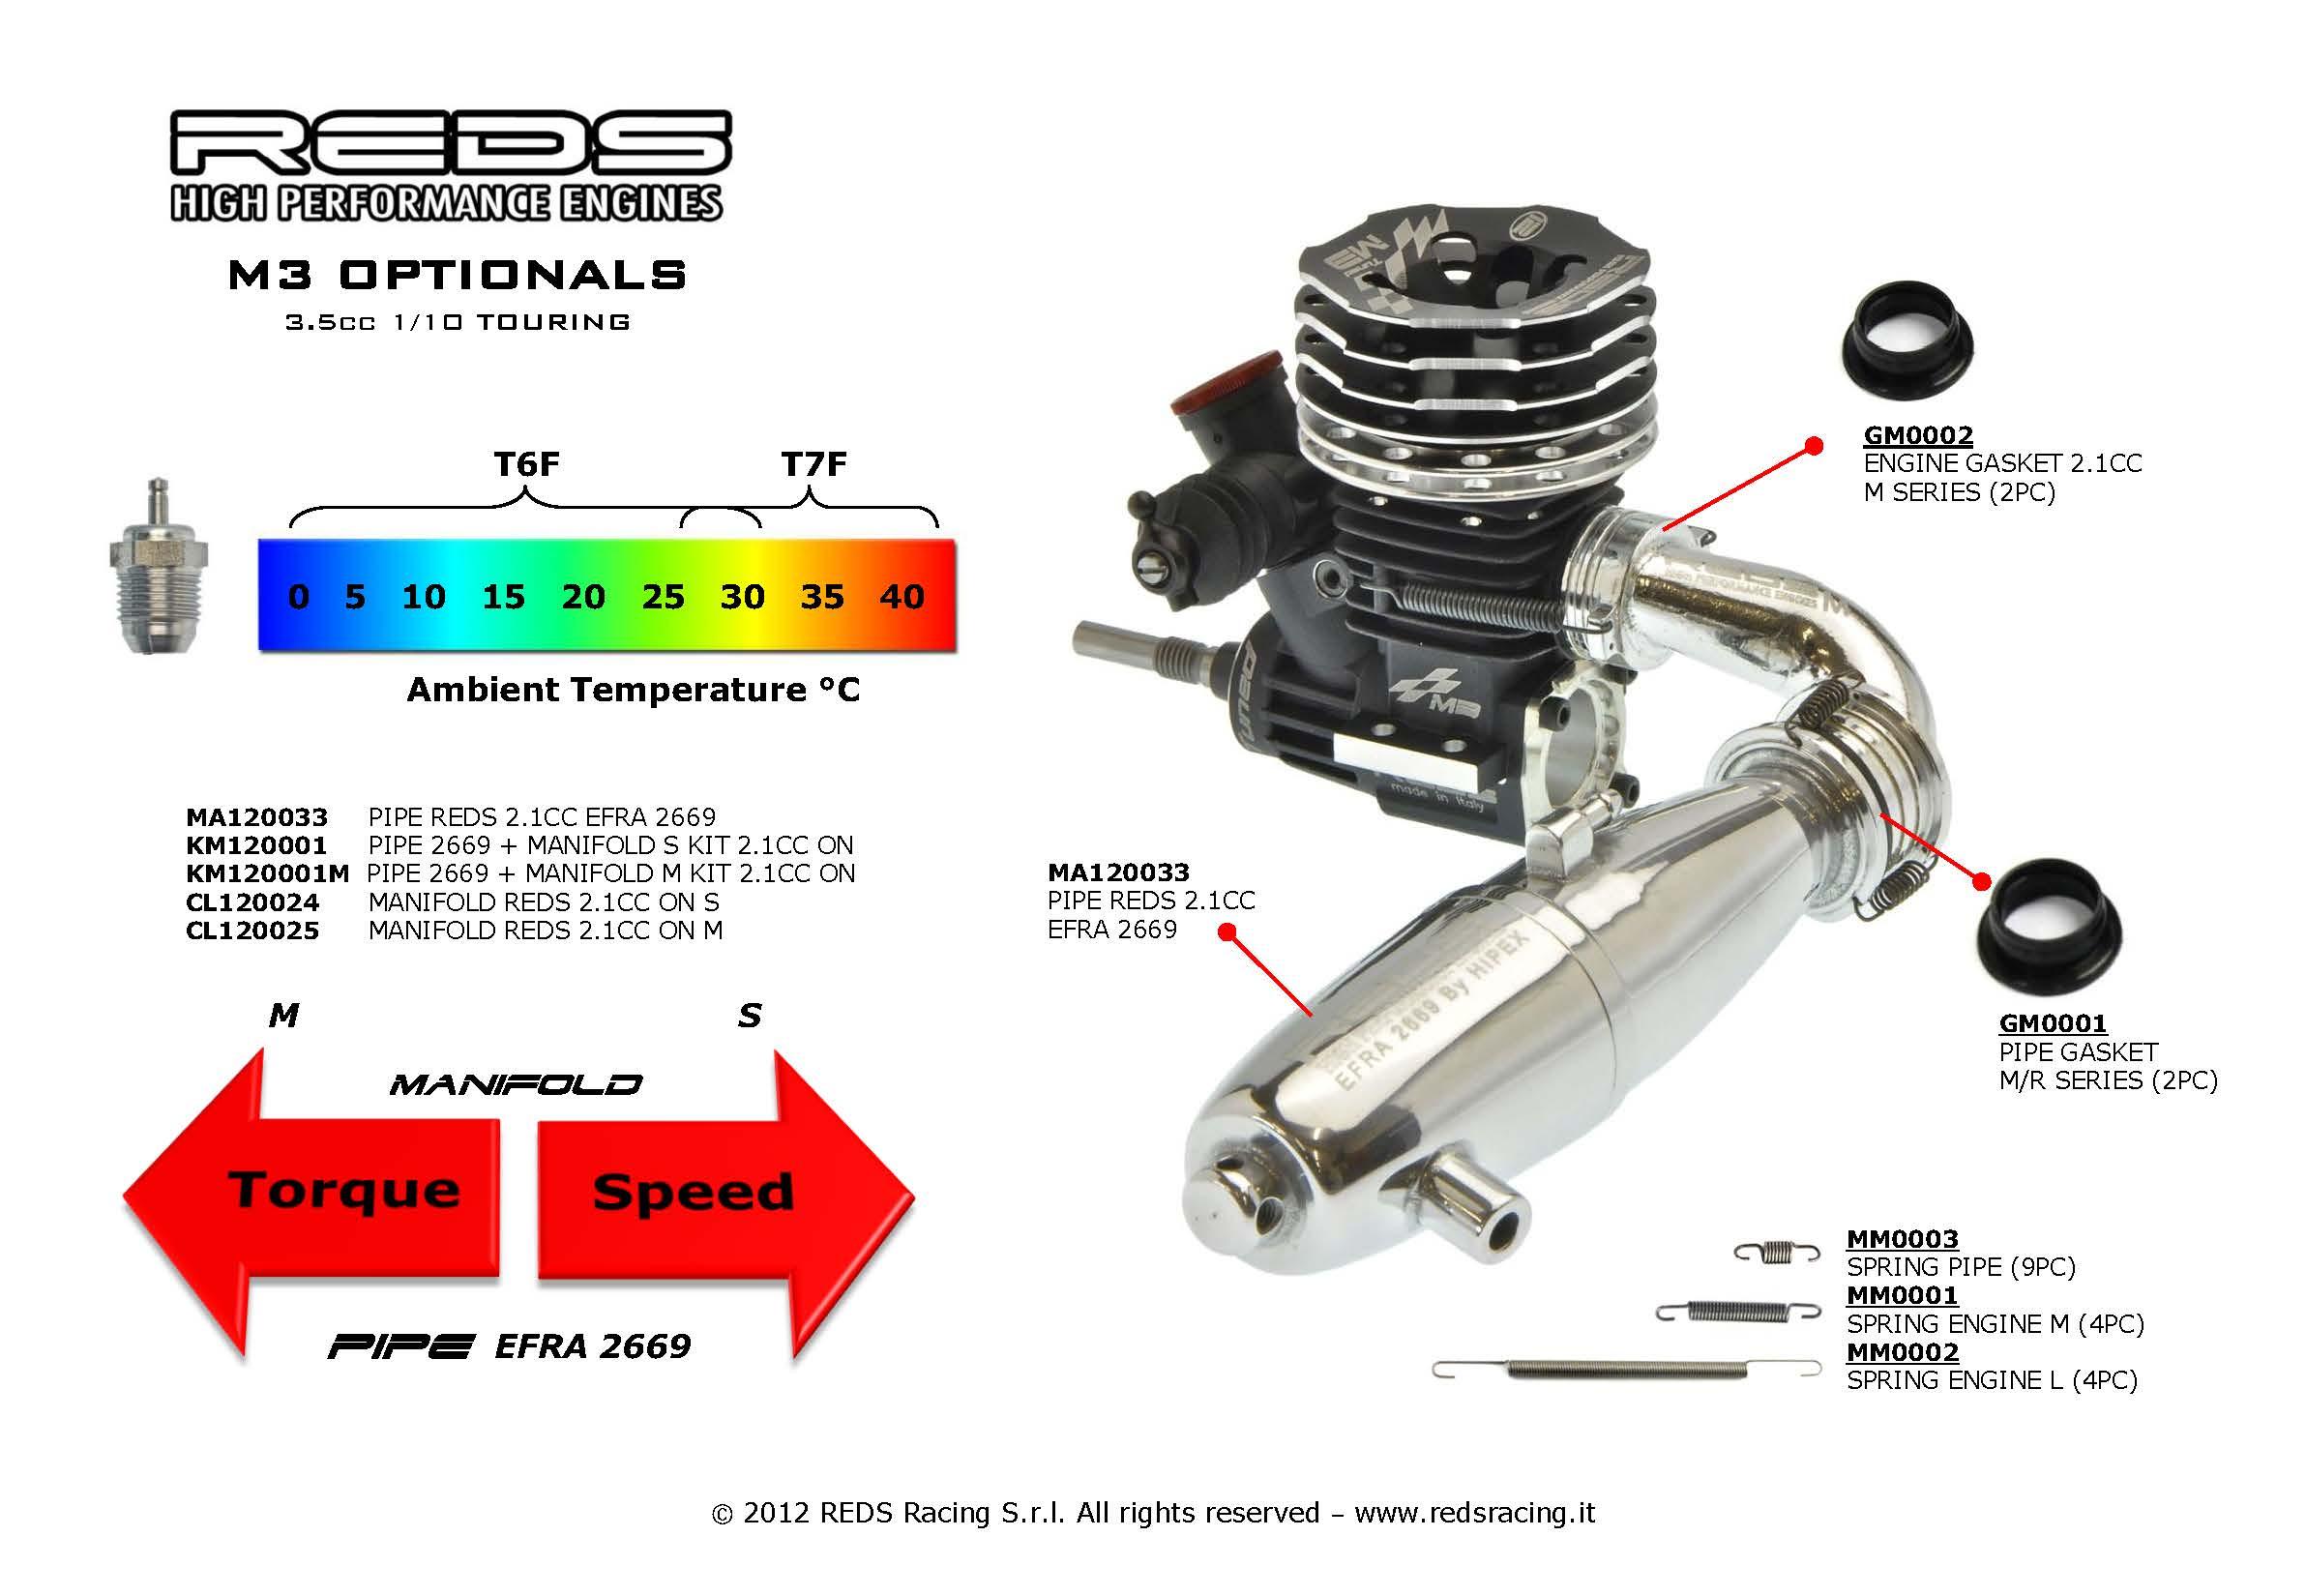 WRG-8538] Racing Engine Diagram on